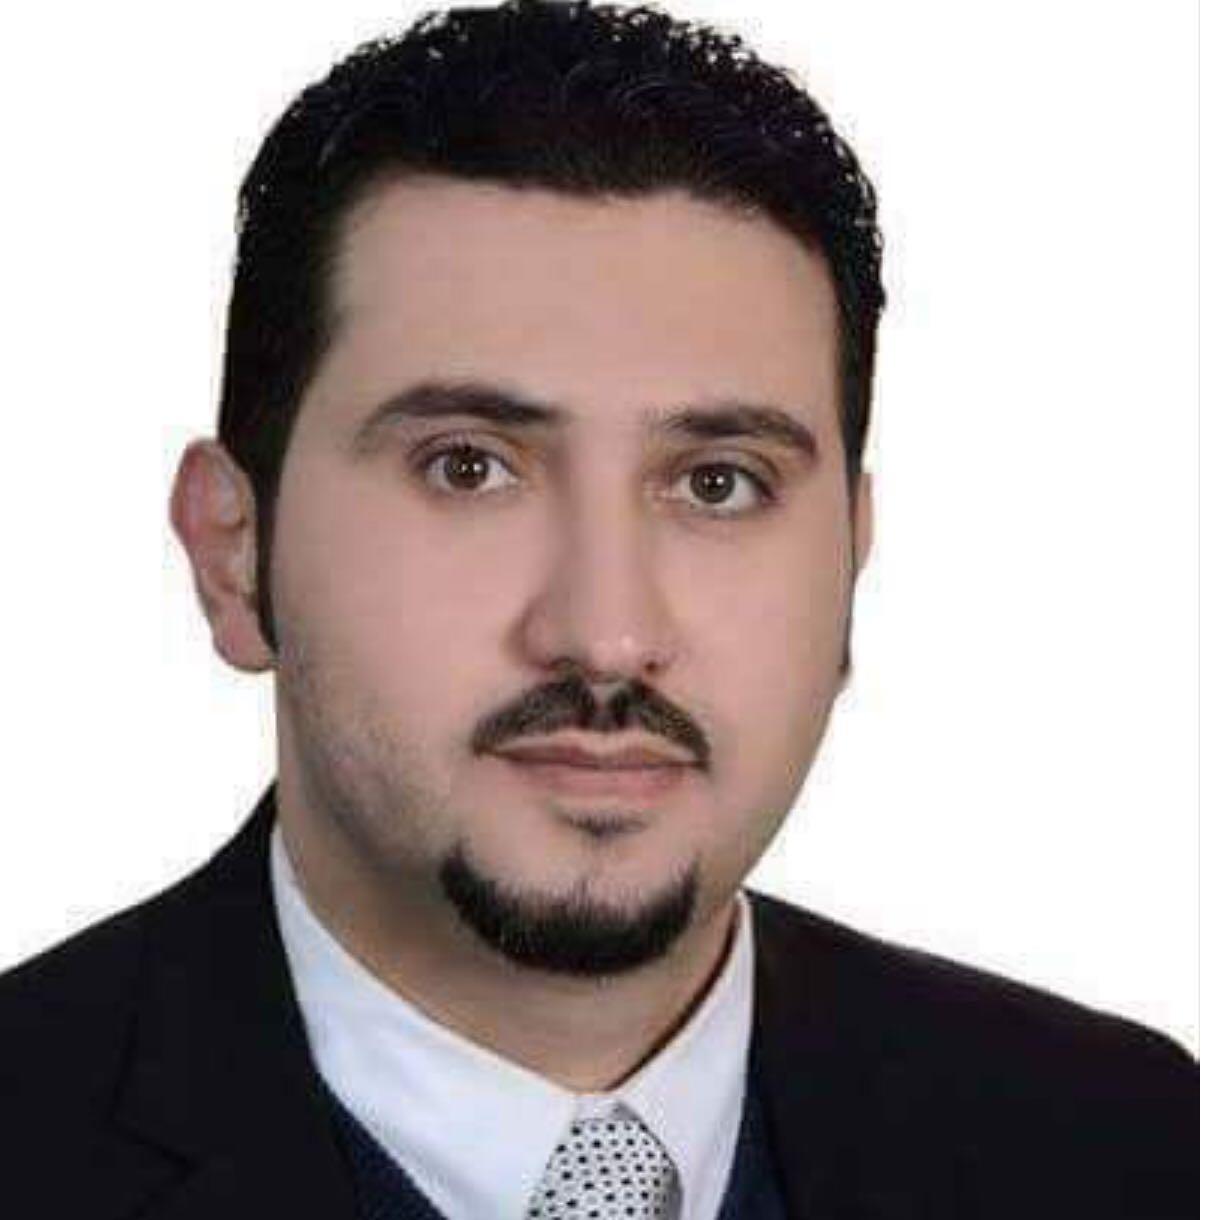 تهاني قلبية حارة لـ الدكتور محمد يوسف ابوحشيش  ..  الرجل المناسب في المكان المناسب